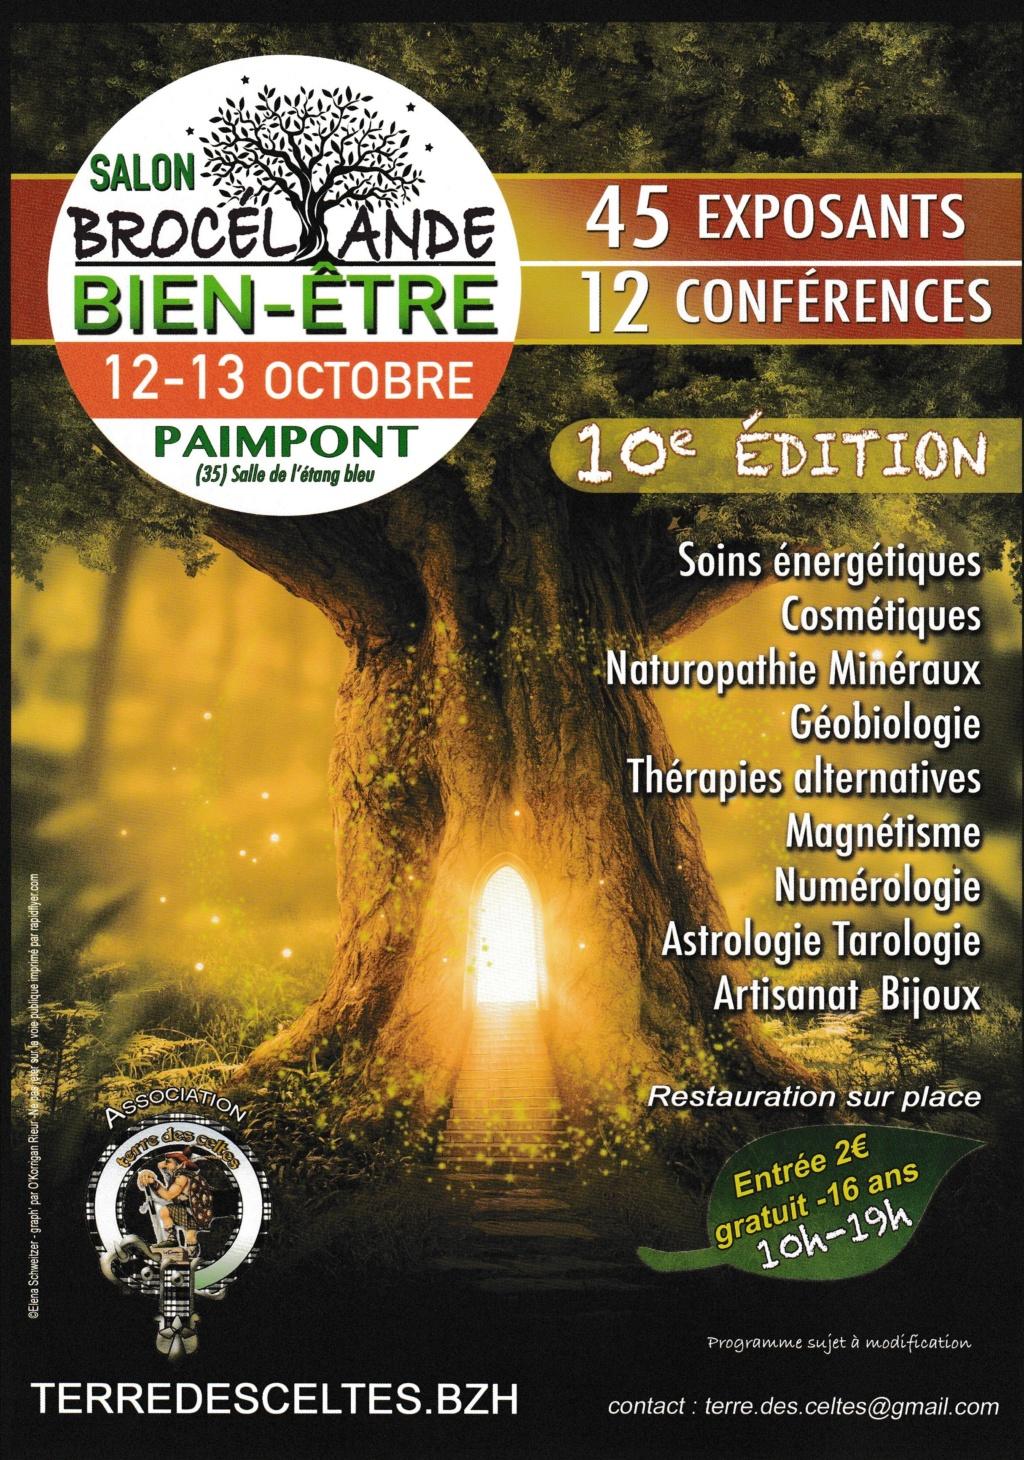 Salon du bien-être à Paimpont - 12 13 octobre 2019 Affich10